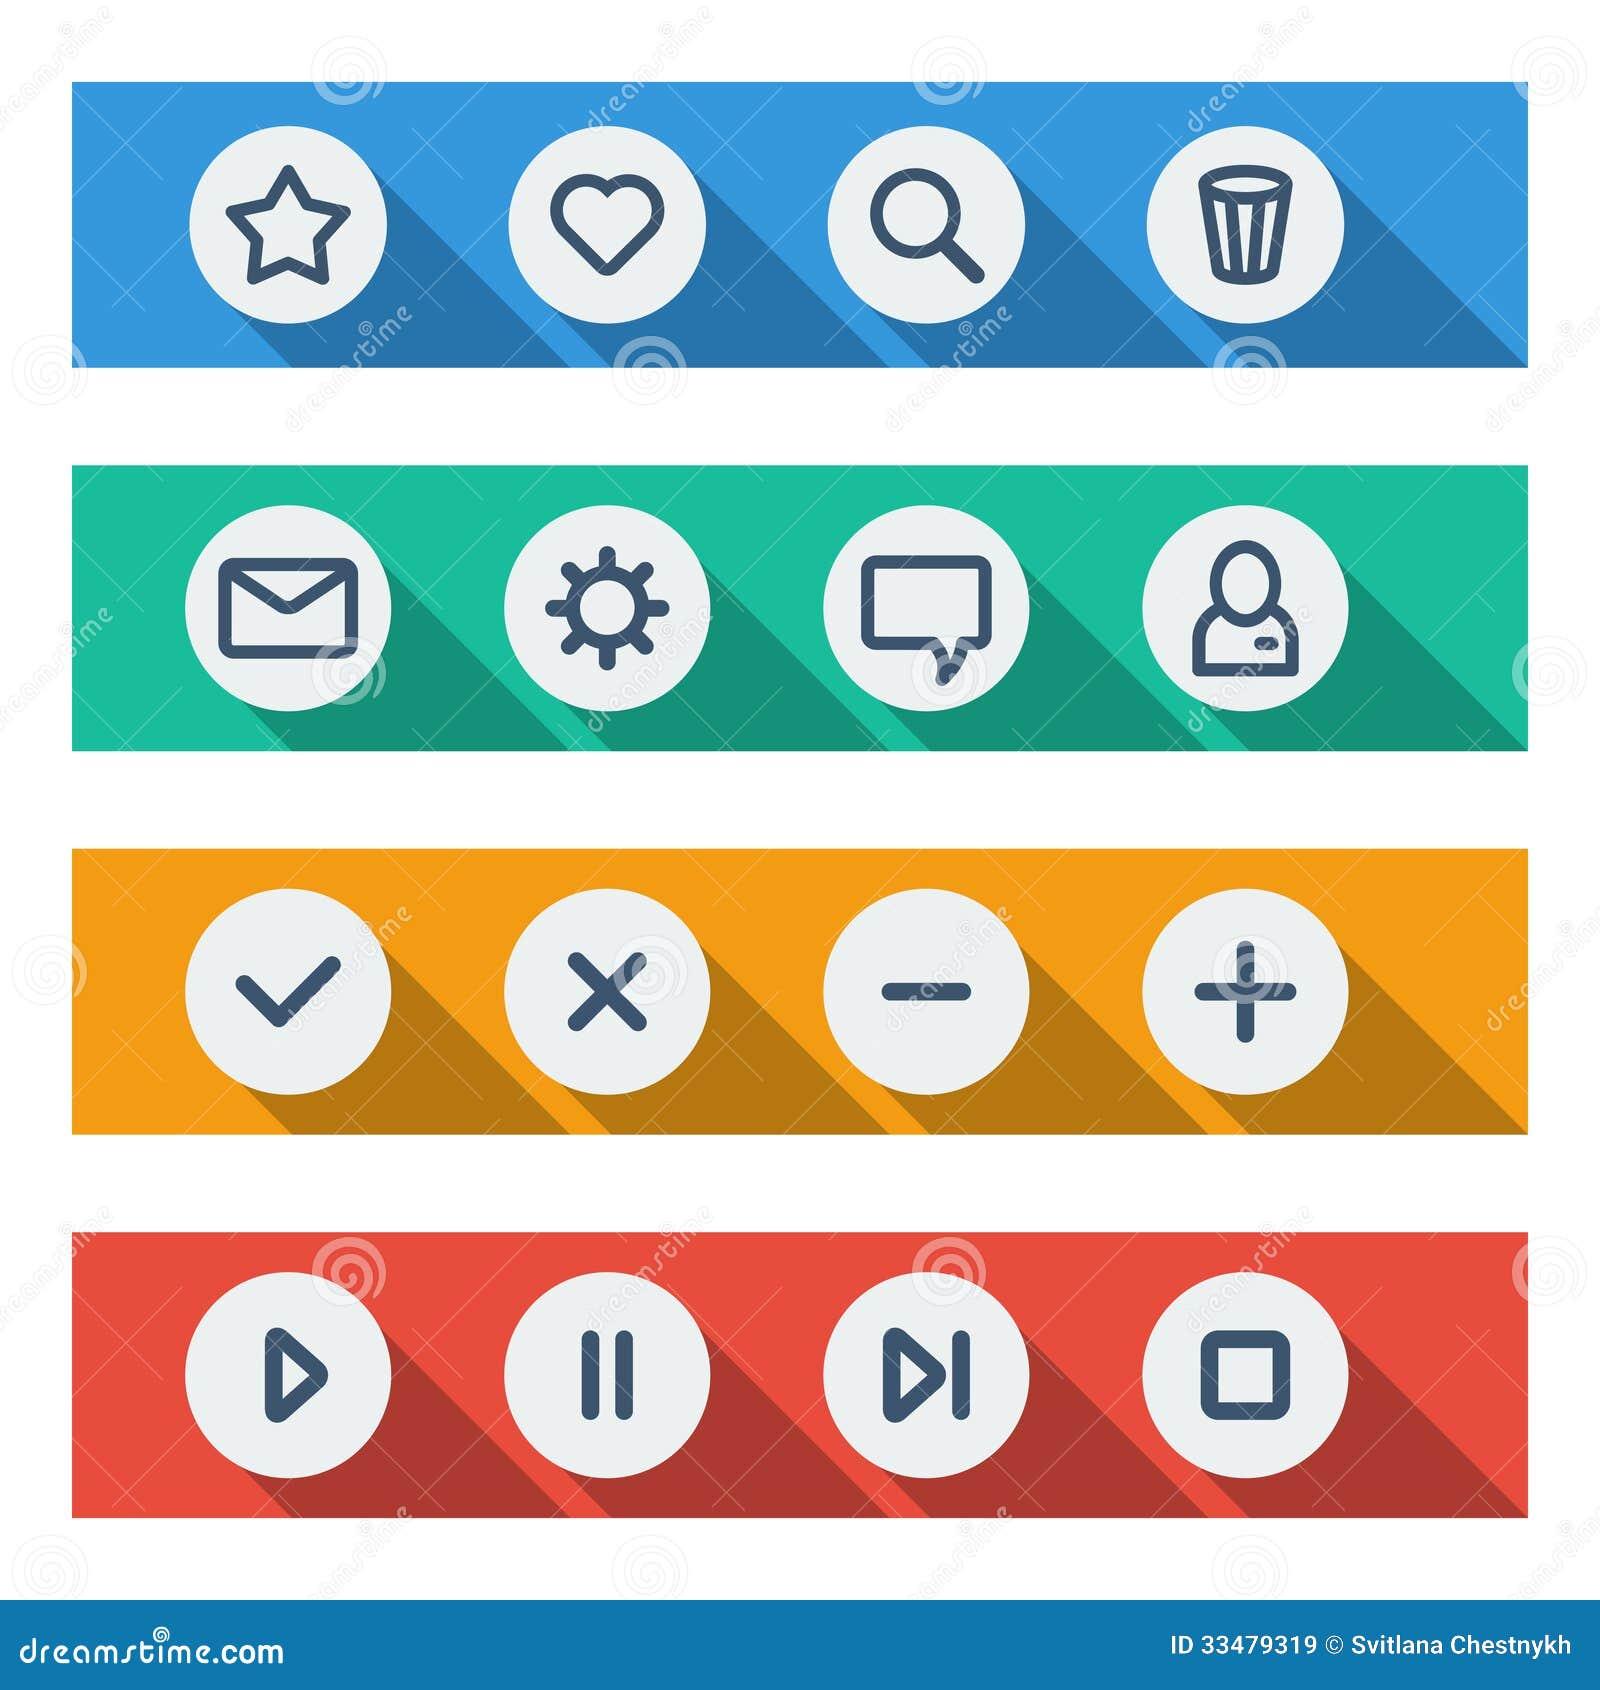 Flat UI Design Elements - Set Of Basic Web Icons Royalty Free ...